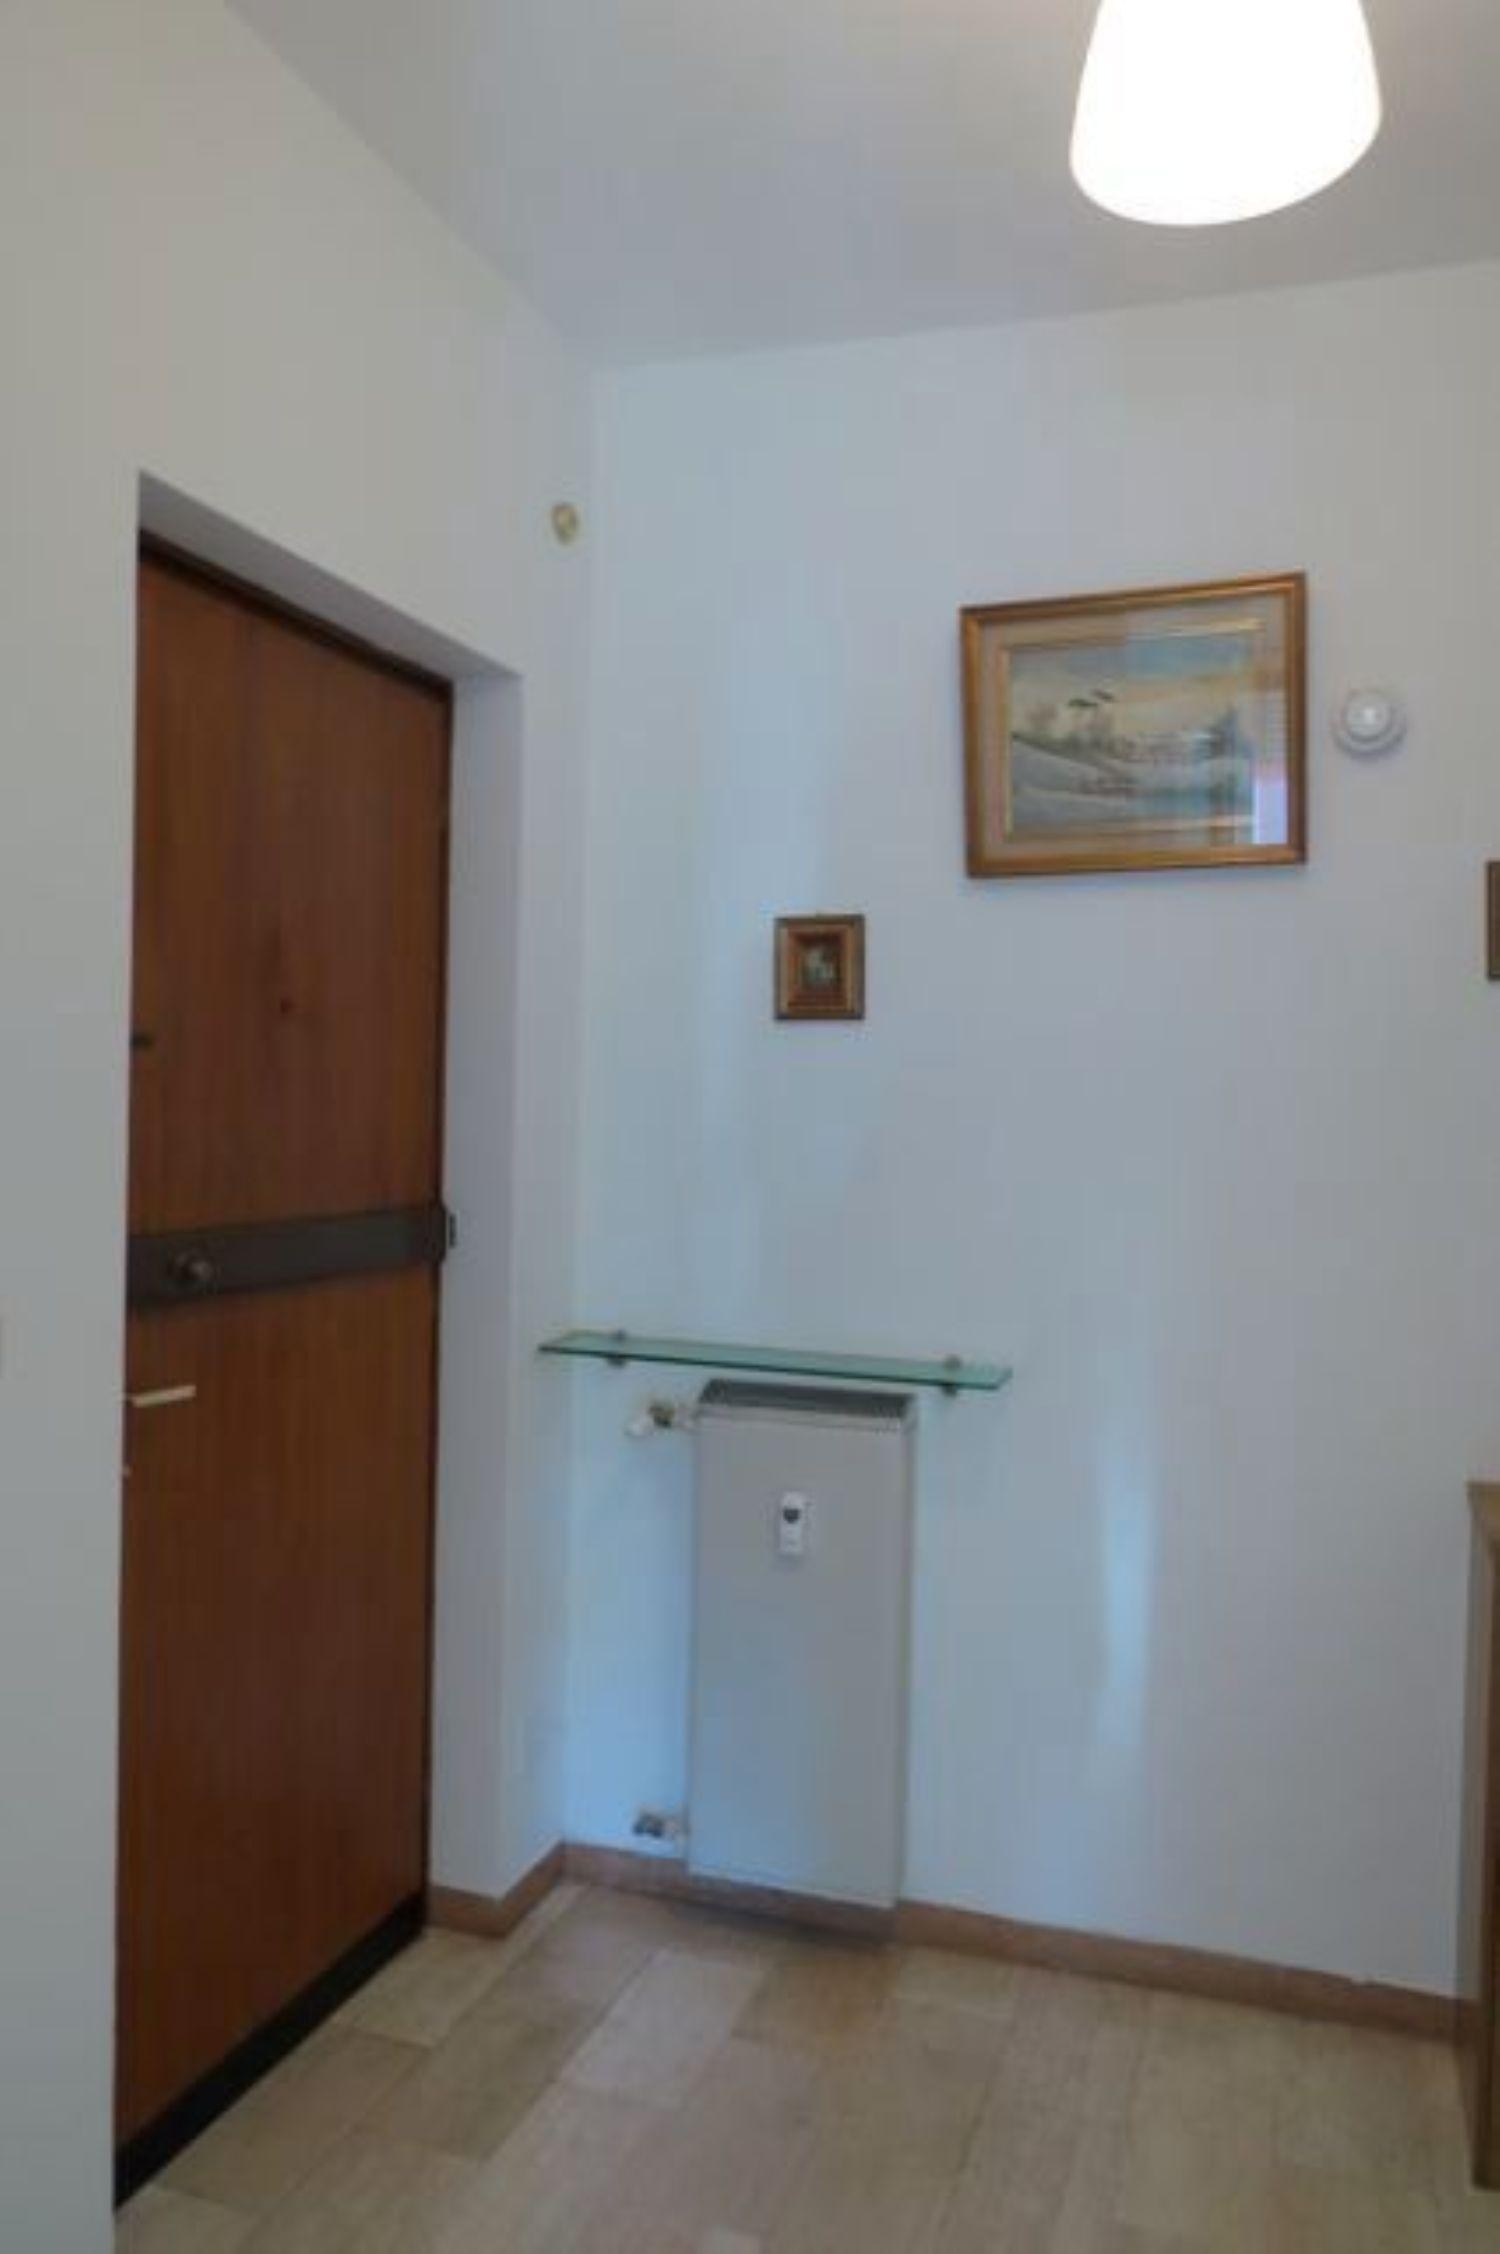 Appartamento in vendita a Udine, 4 locali, prezzo € 68.000 | CambioCasa.it